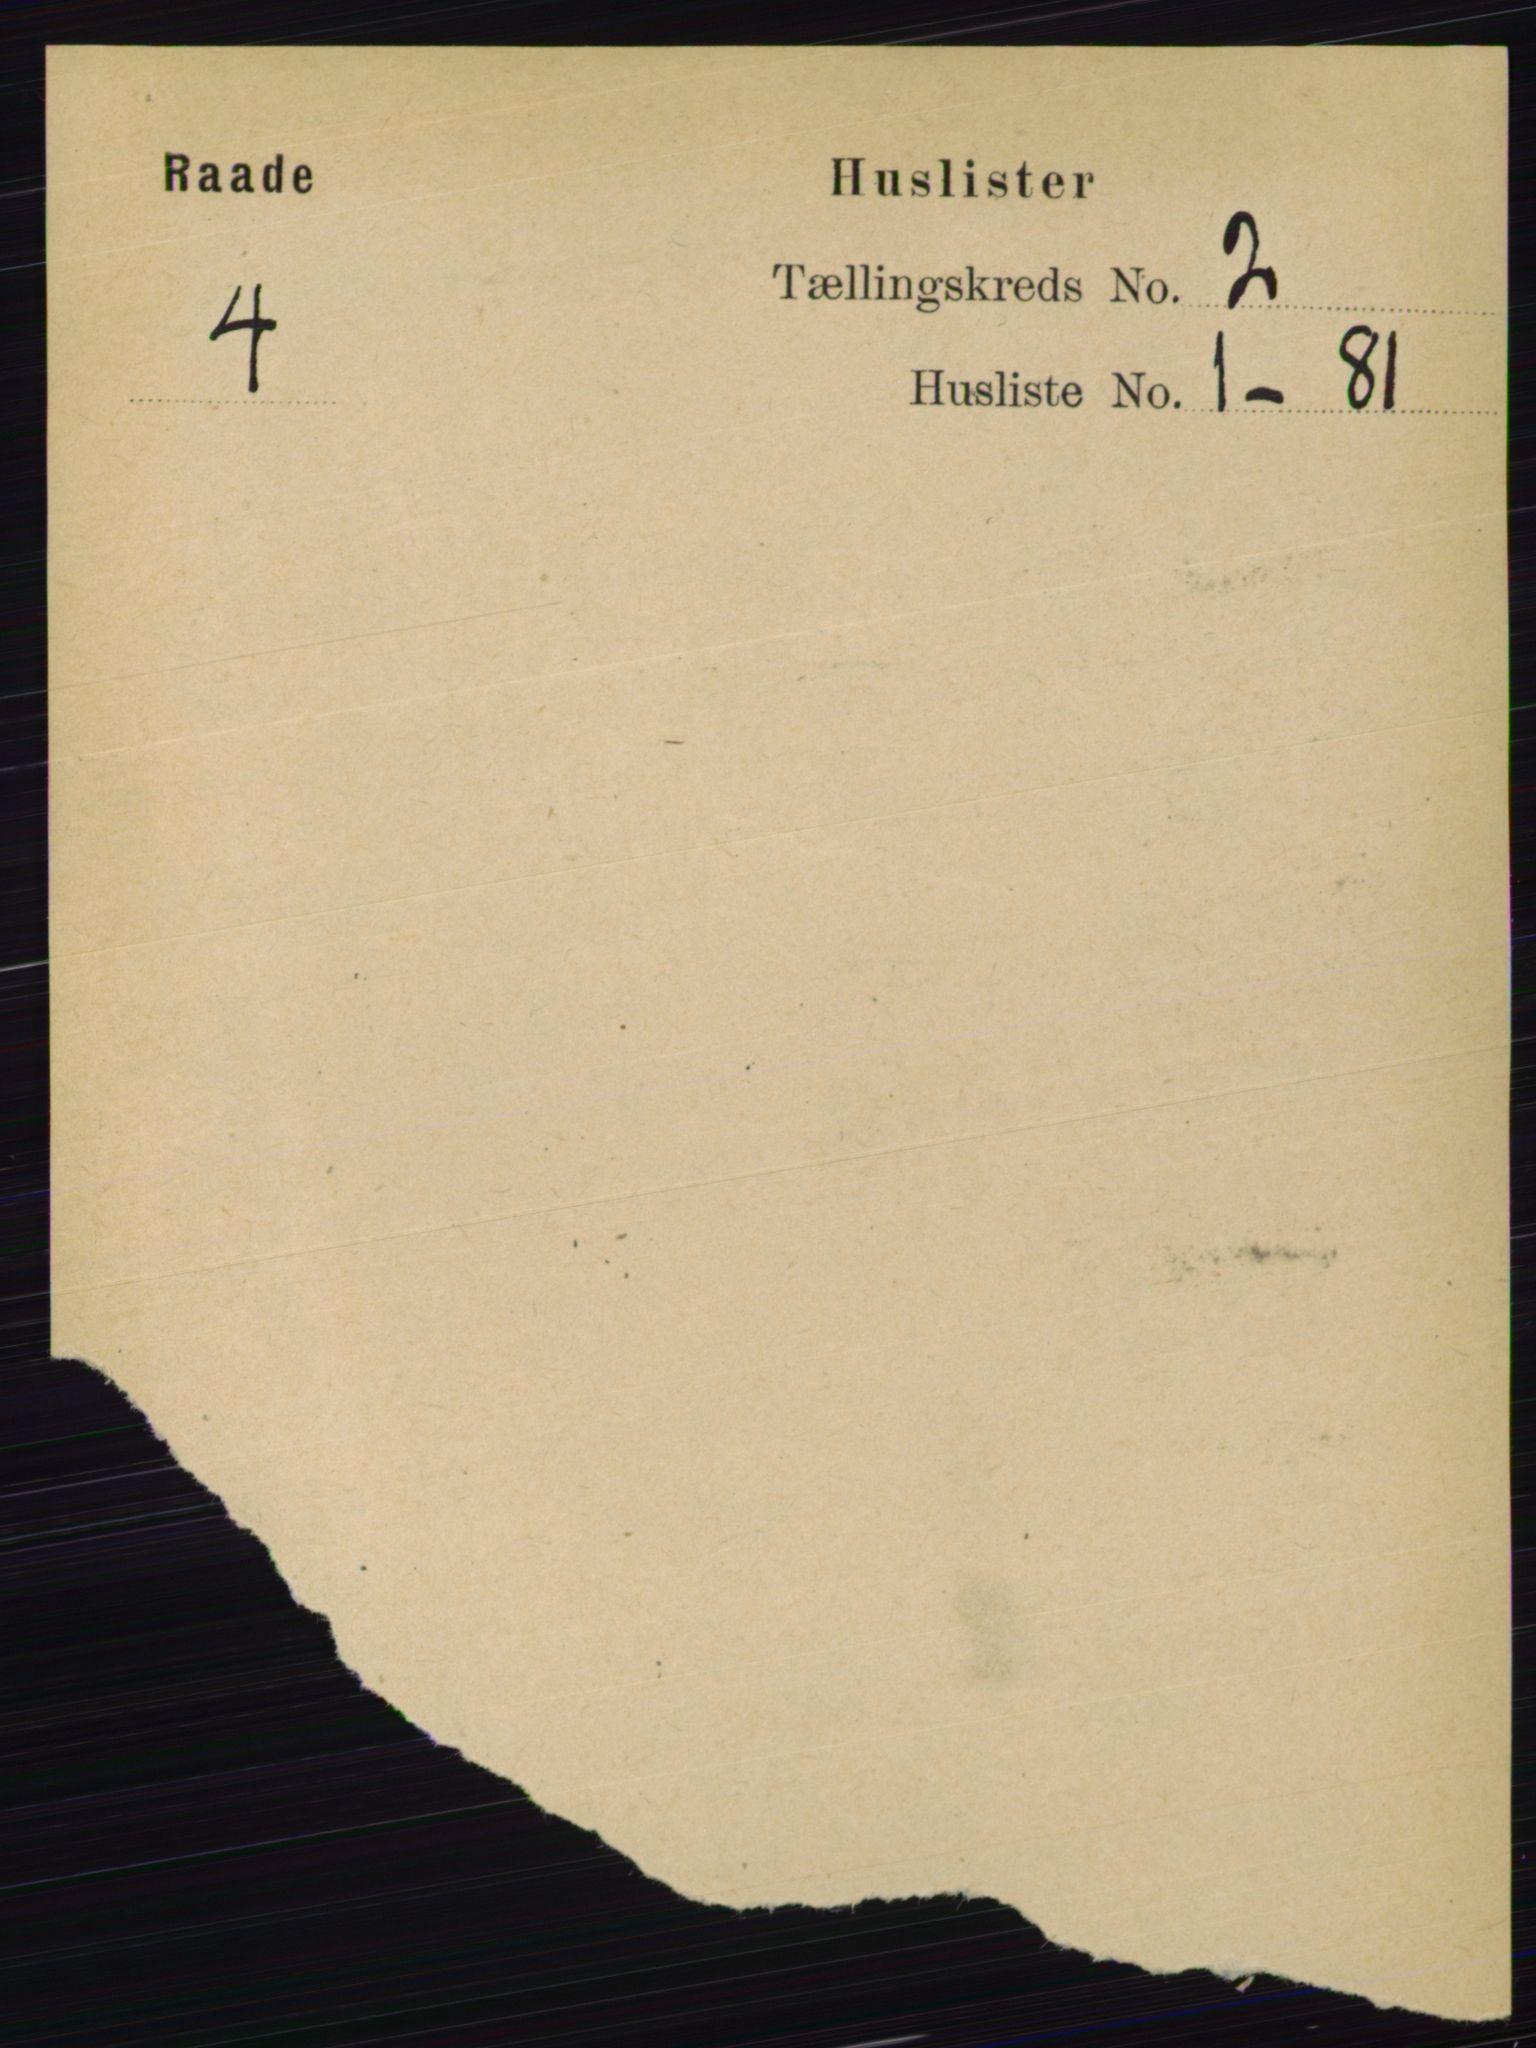 RA, Folketelling 1891 for 0135 Råde herred, 1891, s. 529